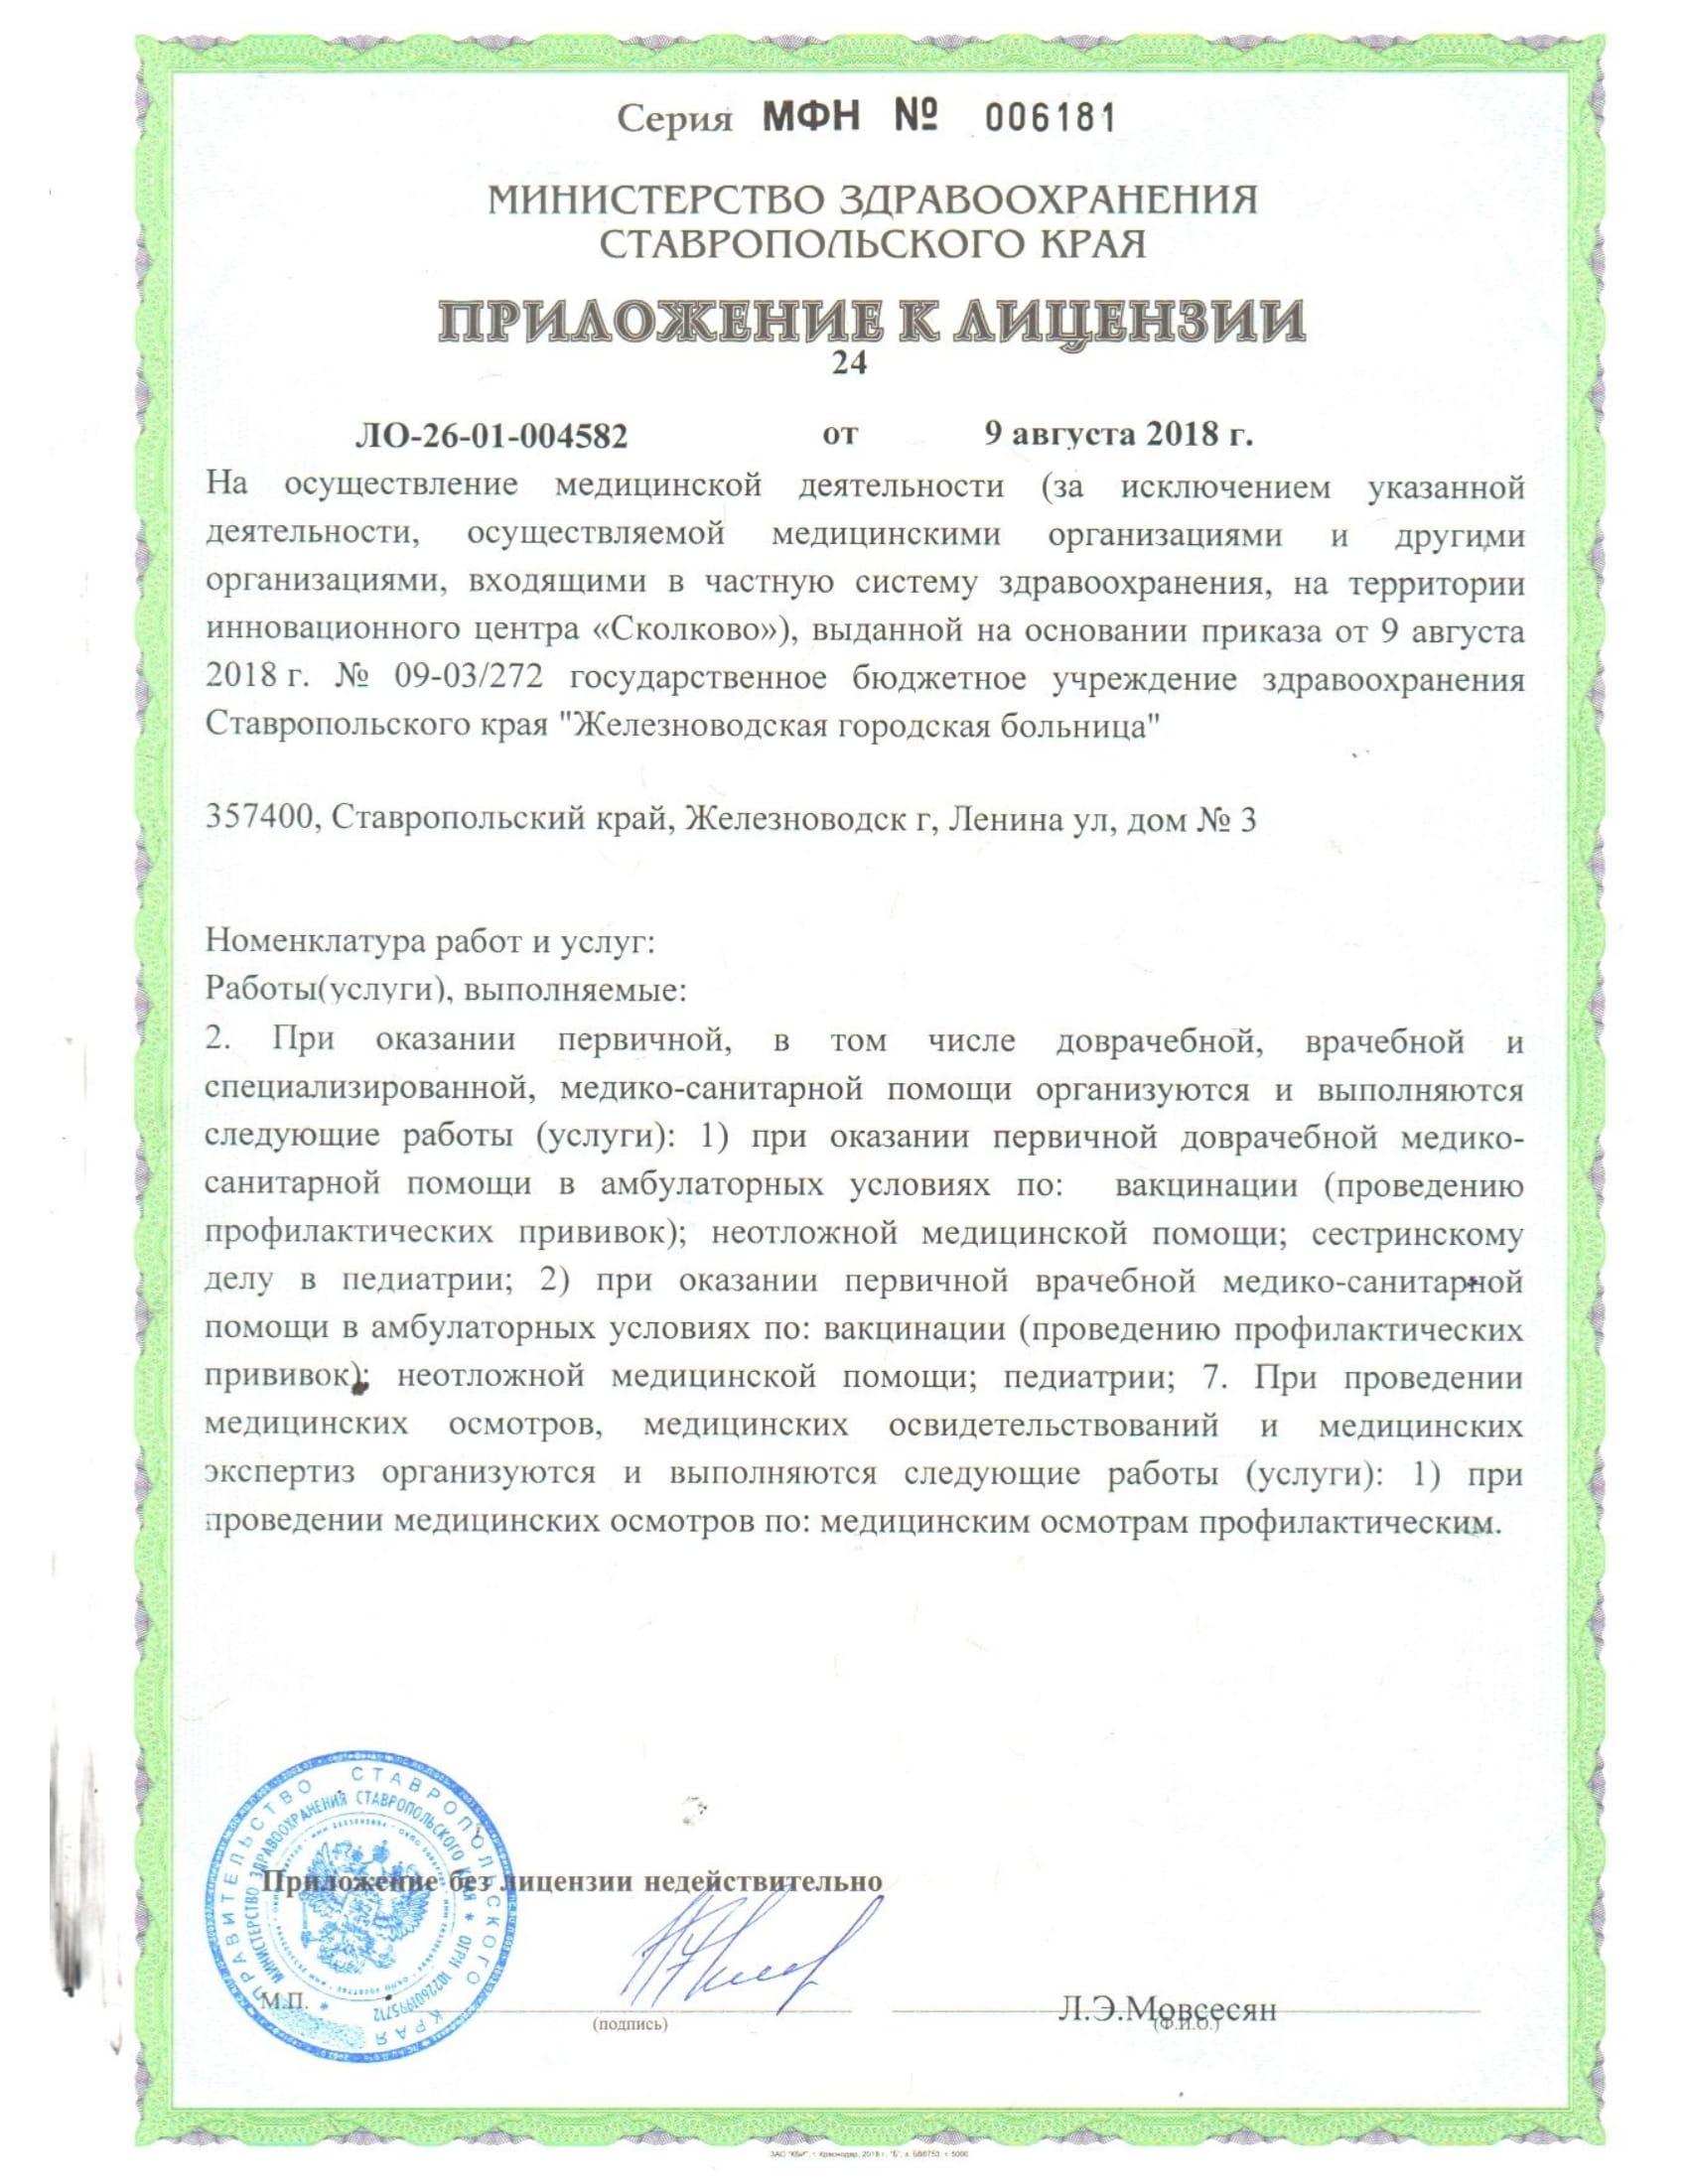 лицензия 2018 от 09.08.2018-31